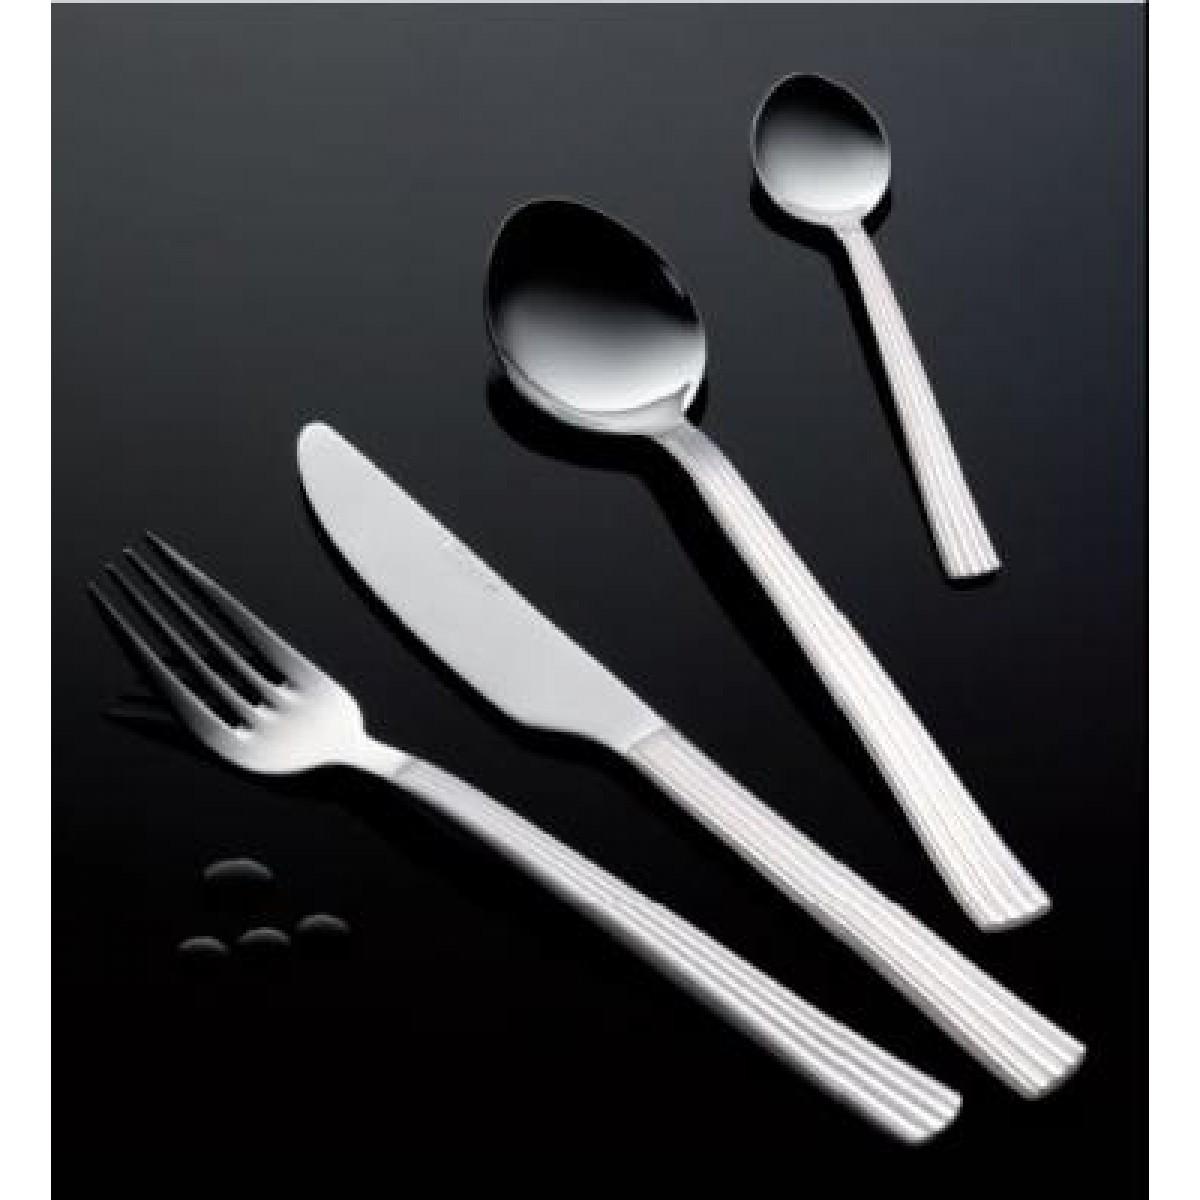 AIDA Groovy gaffel